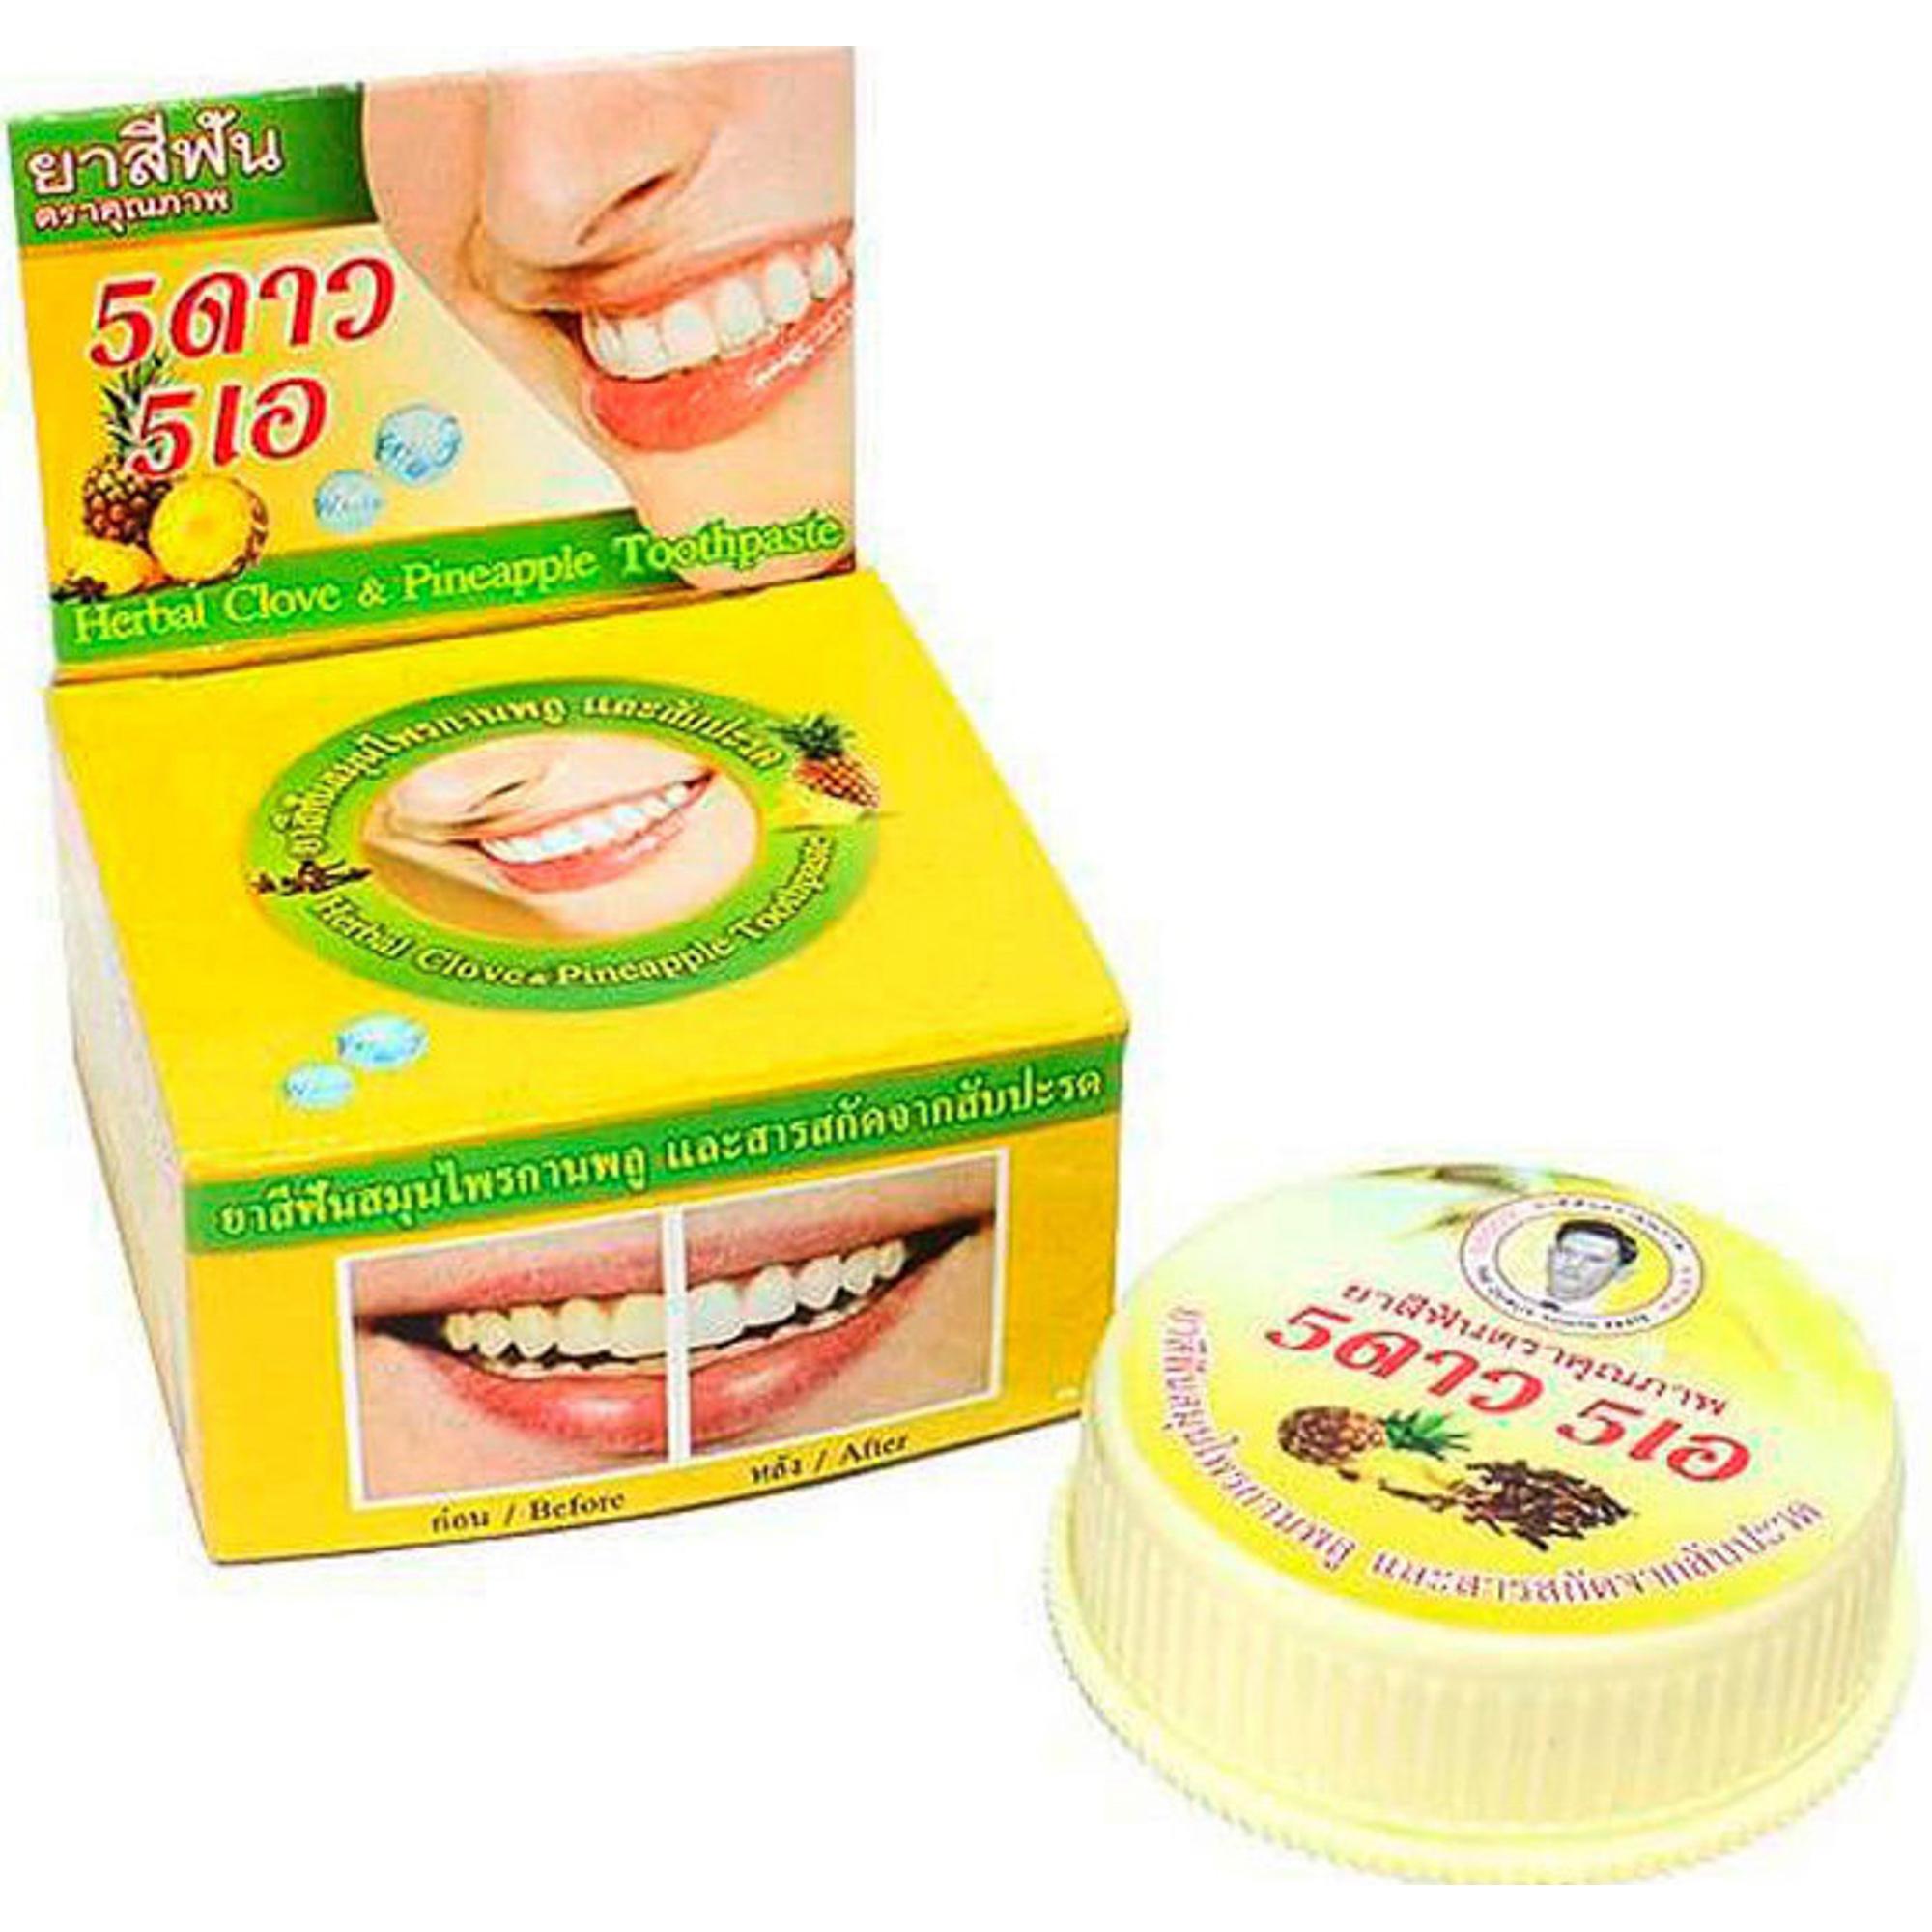 косметика для зубов купить